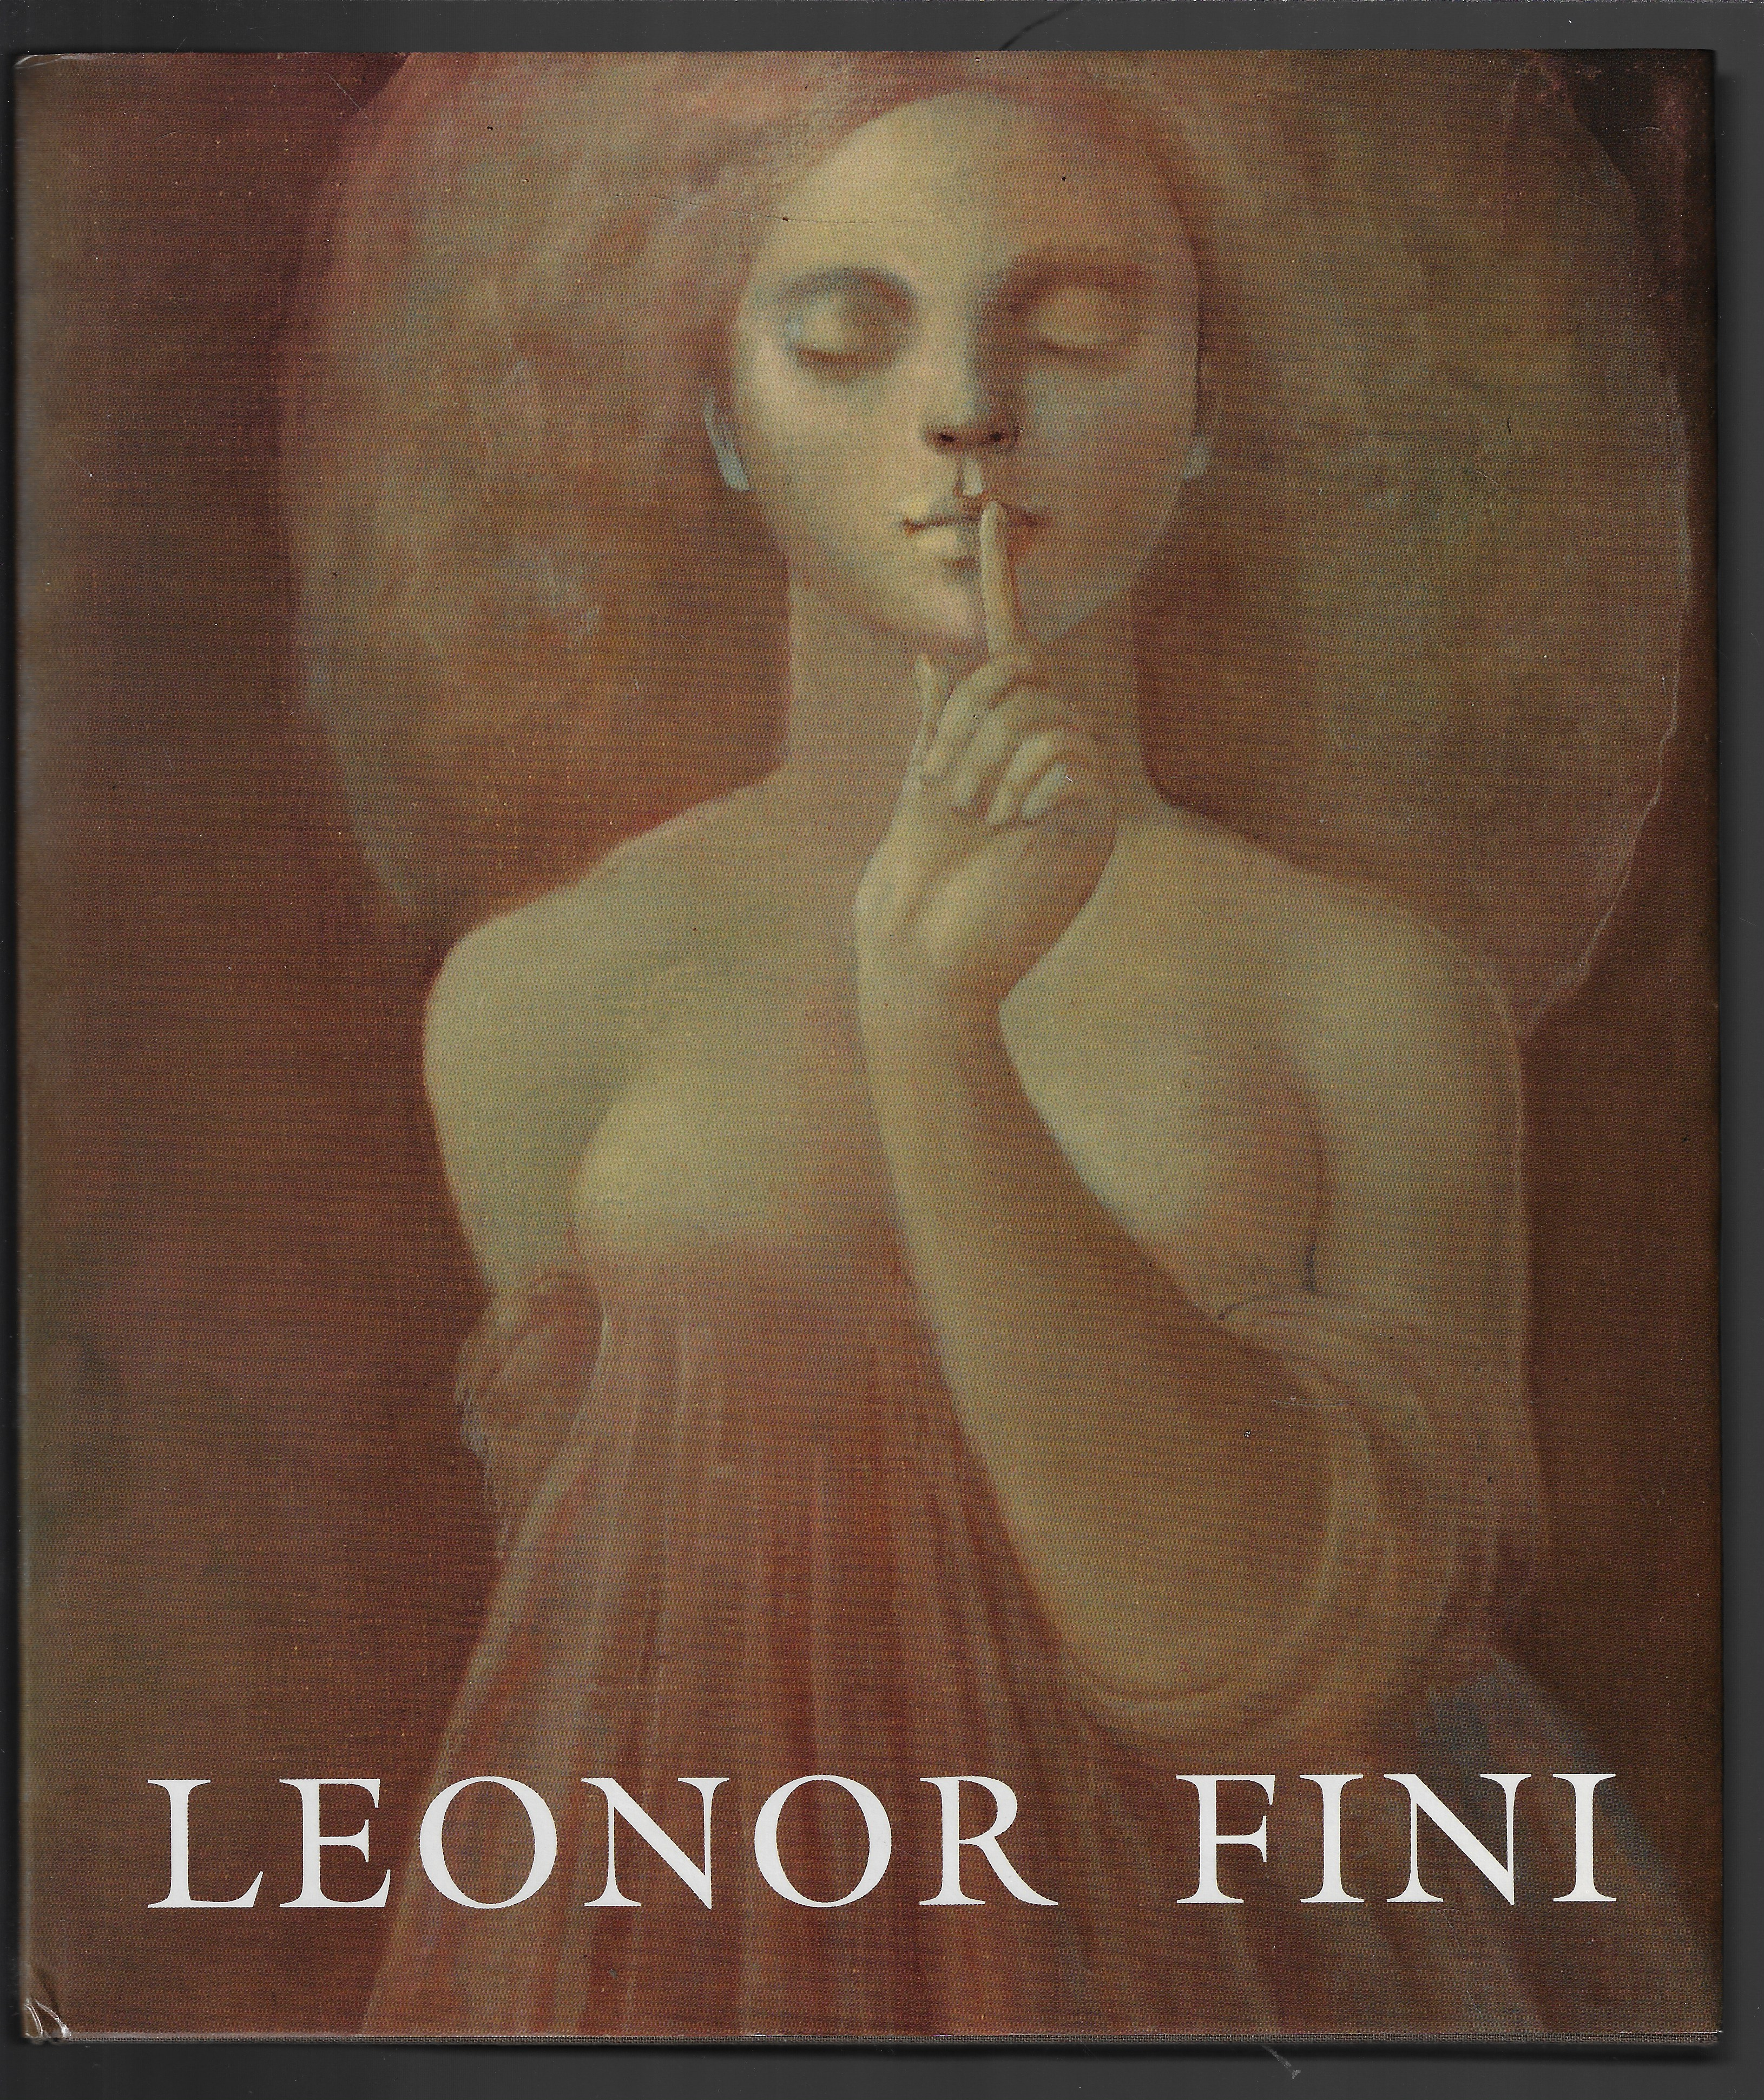 Leonor Fini Galerie Dionne (French Edition) - Fini, Leonor